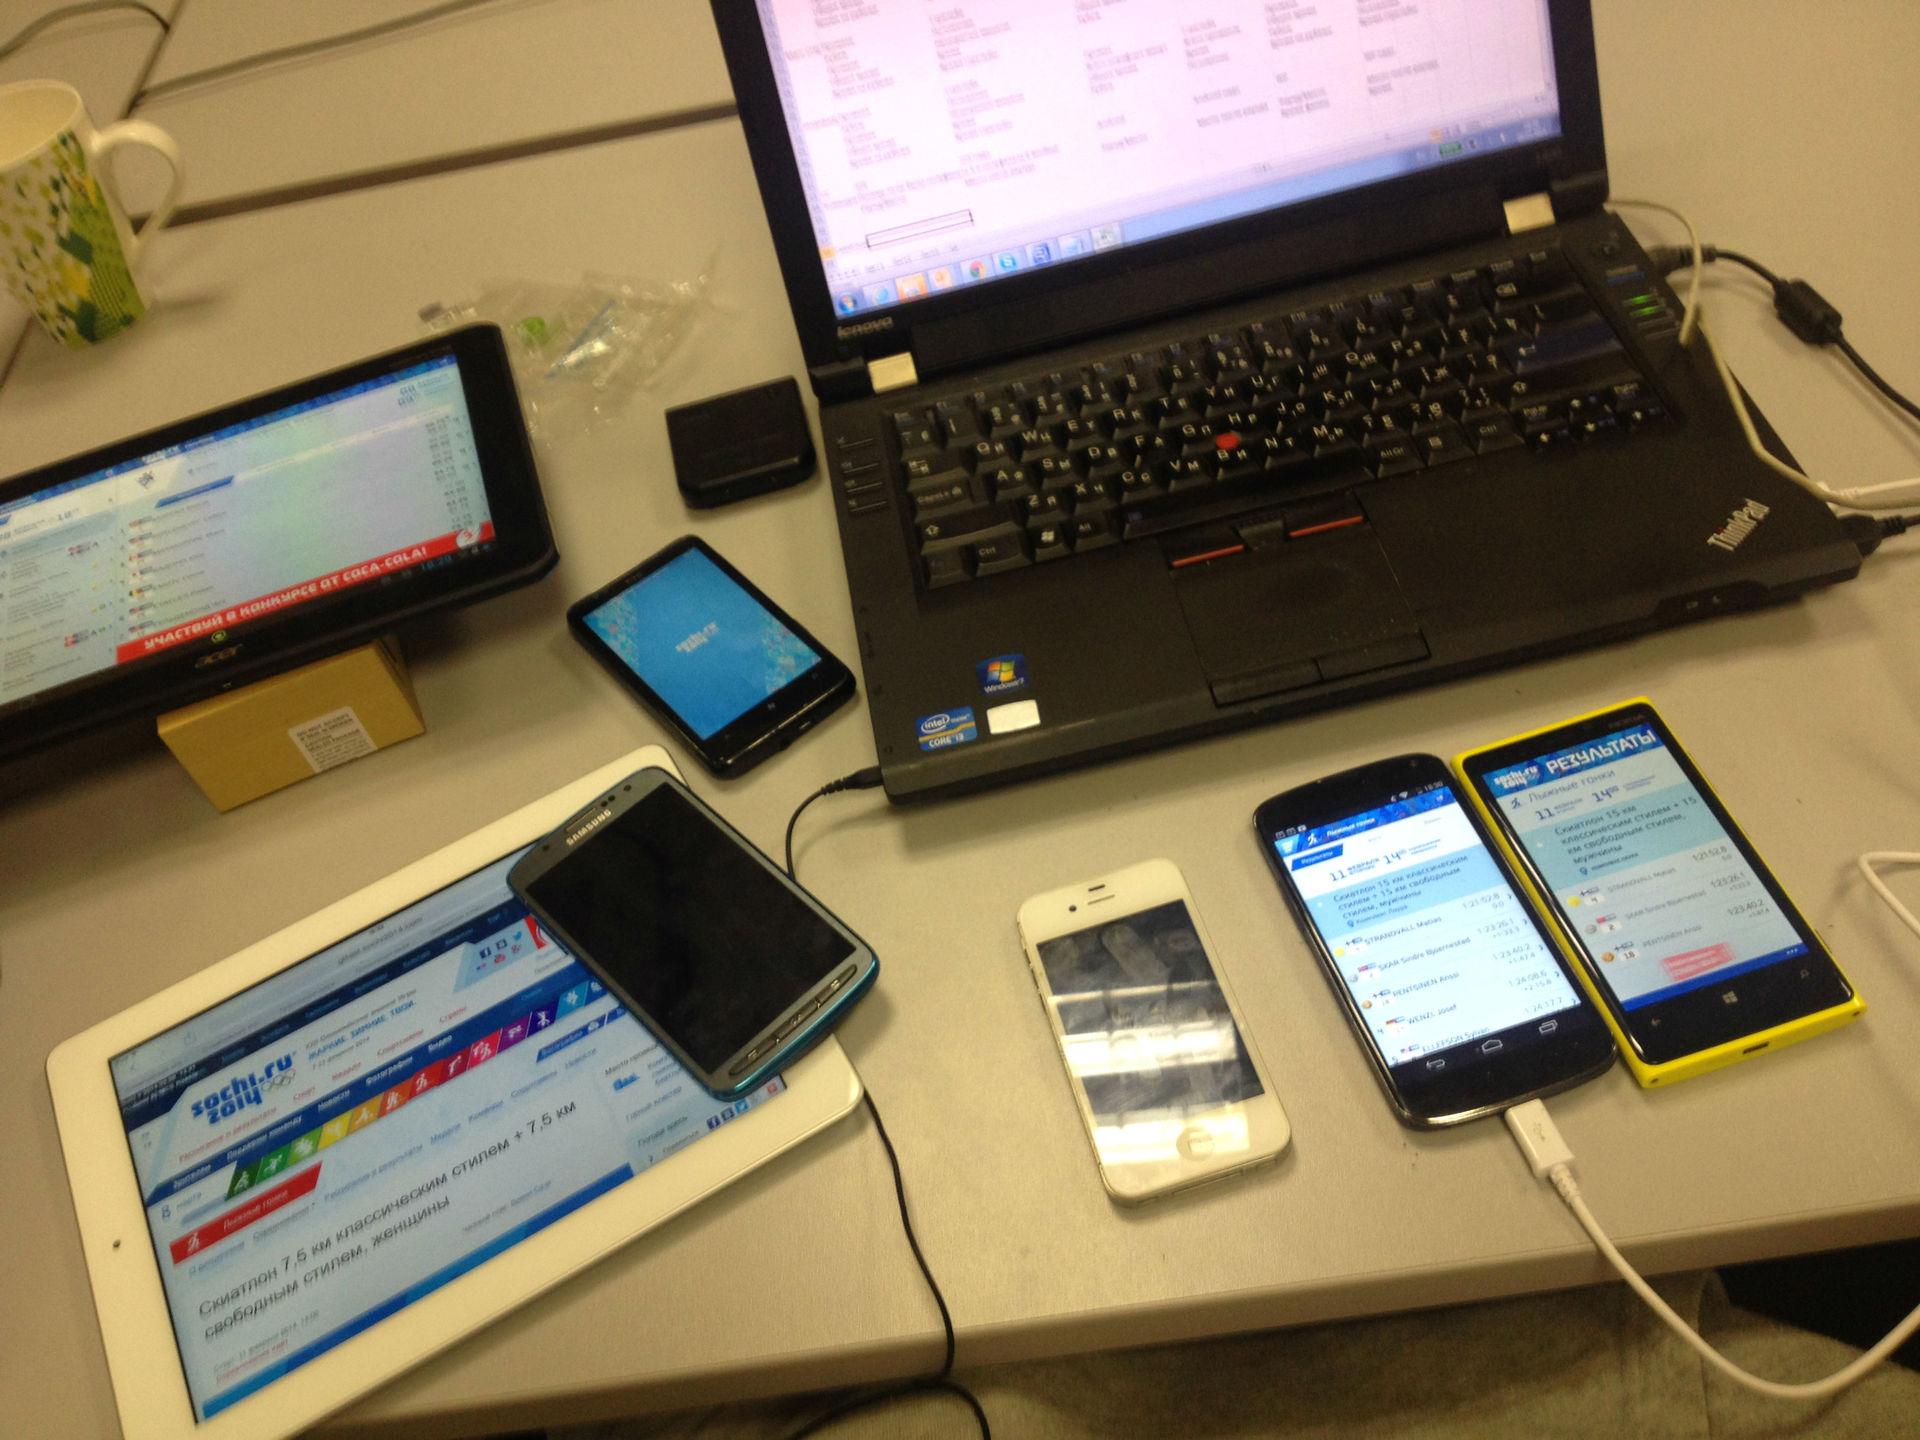 Мобильные приложения «Сочи 2014»: как показать мегабайты результатов пользователям